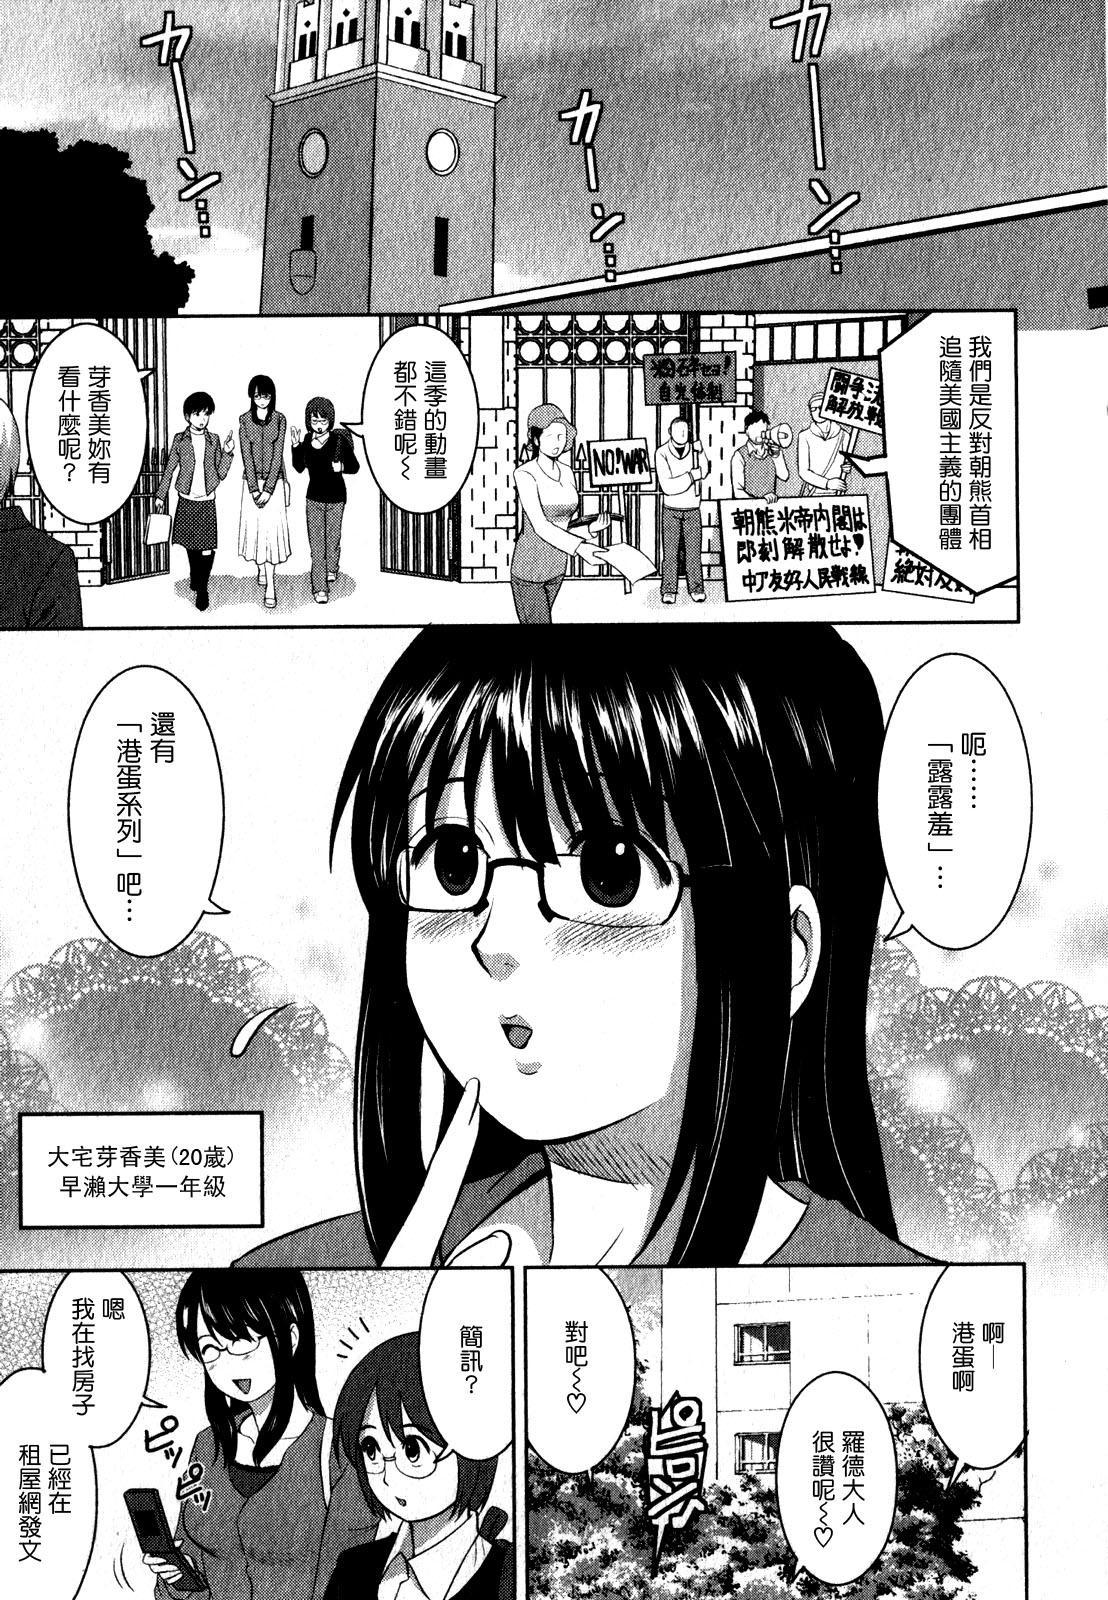 Otaku no Megami-san 1 8